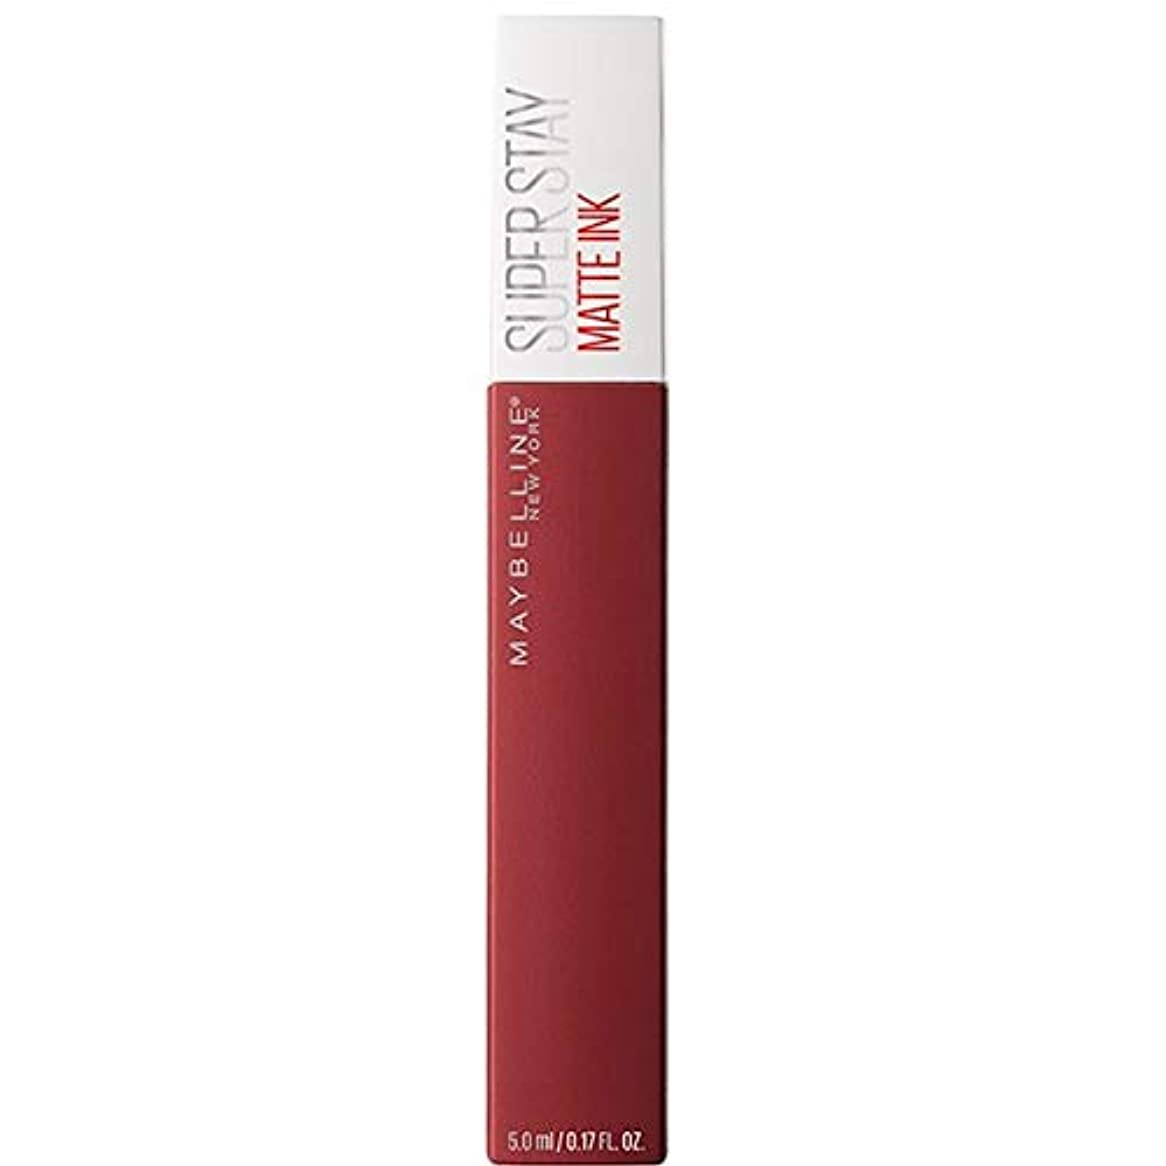 マルクス主義手のひらジョージハンブリー[Maybelline ] メイベリンSuperstayマットインク液50ボイジャー - Maybelline Superstay Matte Ink Liquid 50 Voyager [並行輸入品]